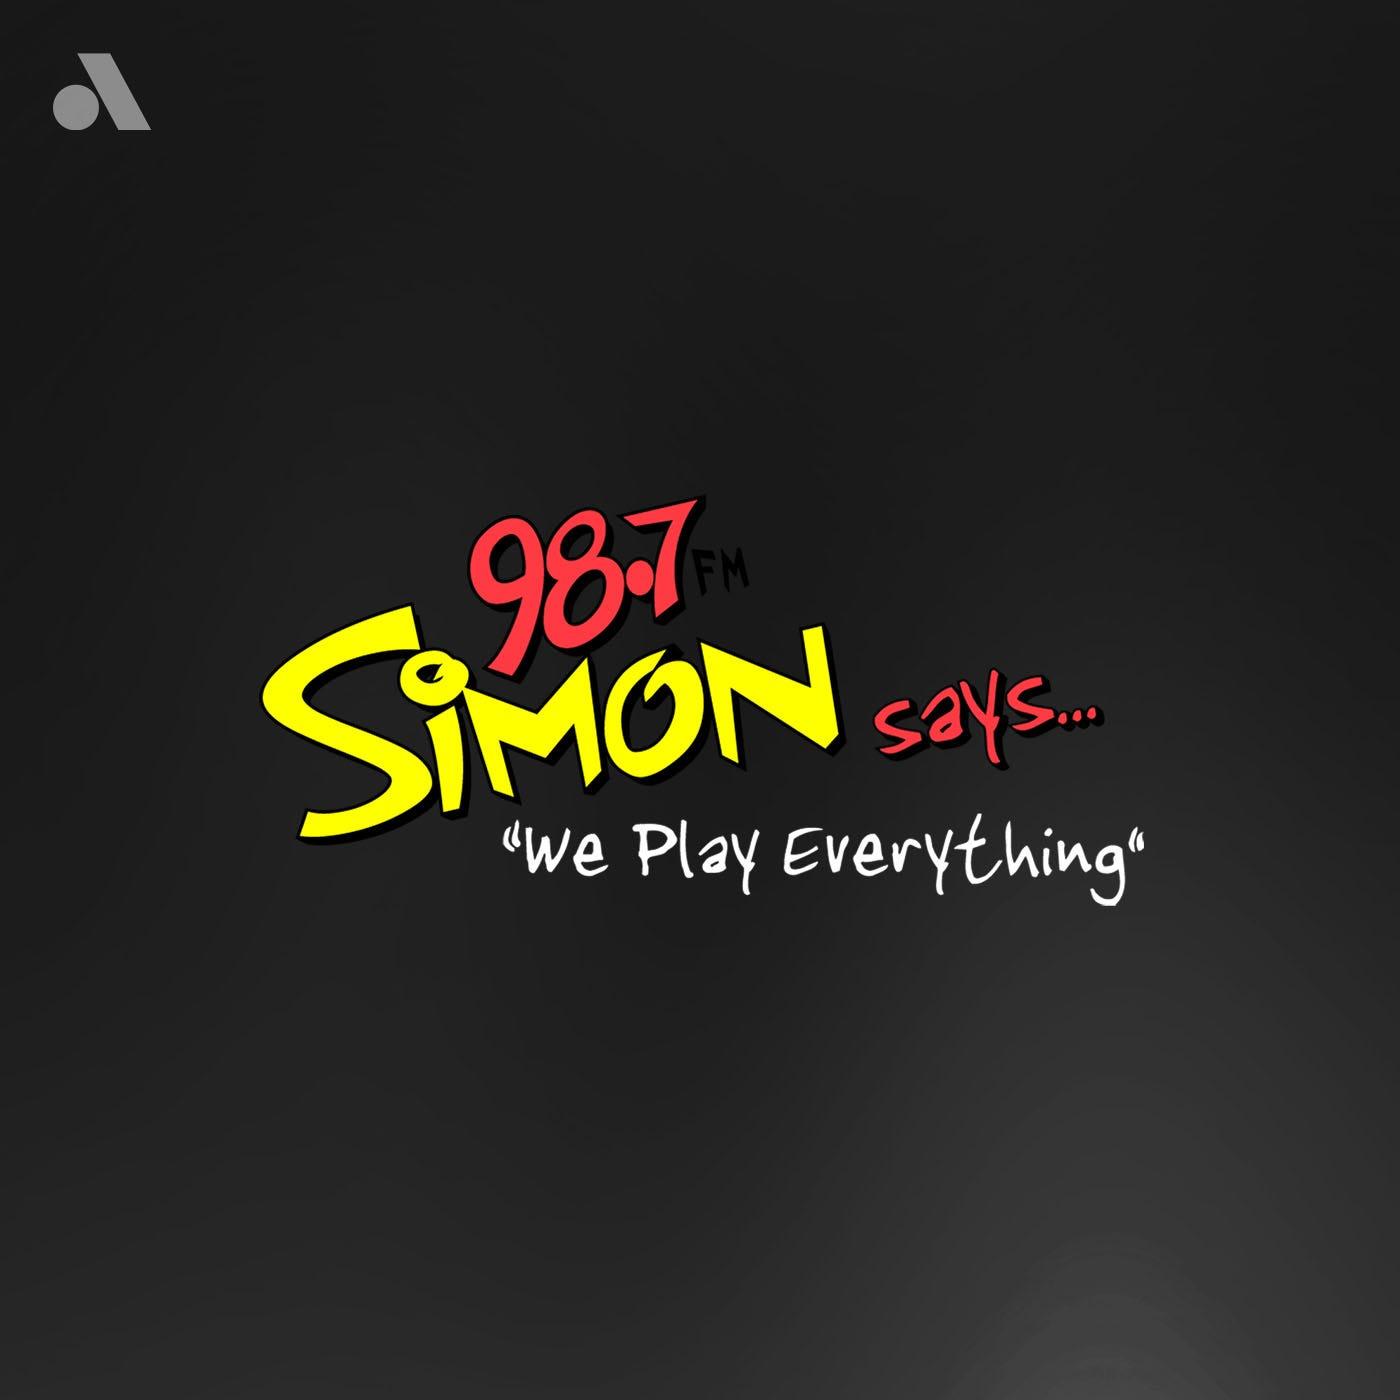 98.7 Simon